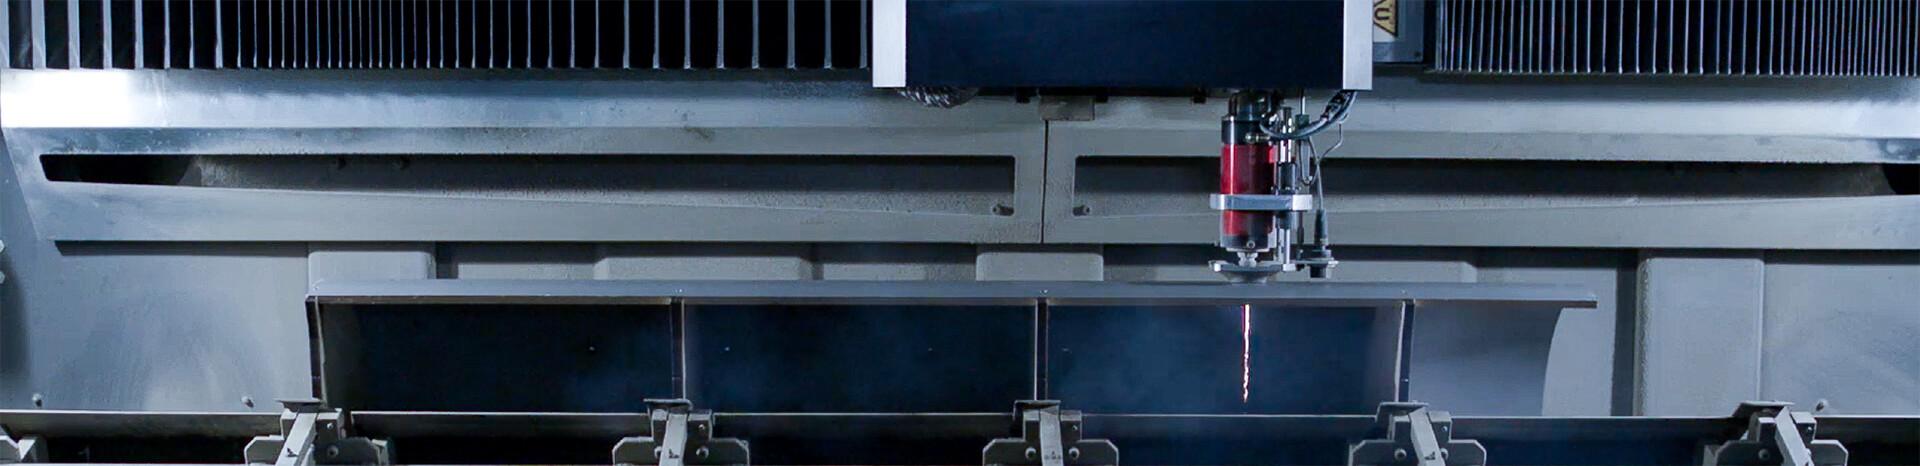 WaterJet-Laser- Cutting-1920-466